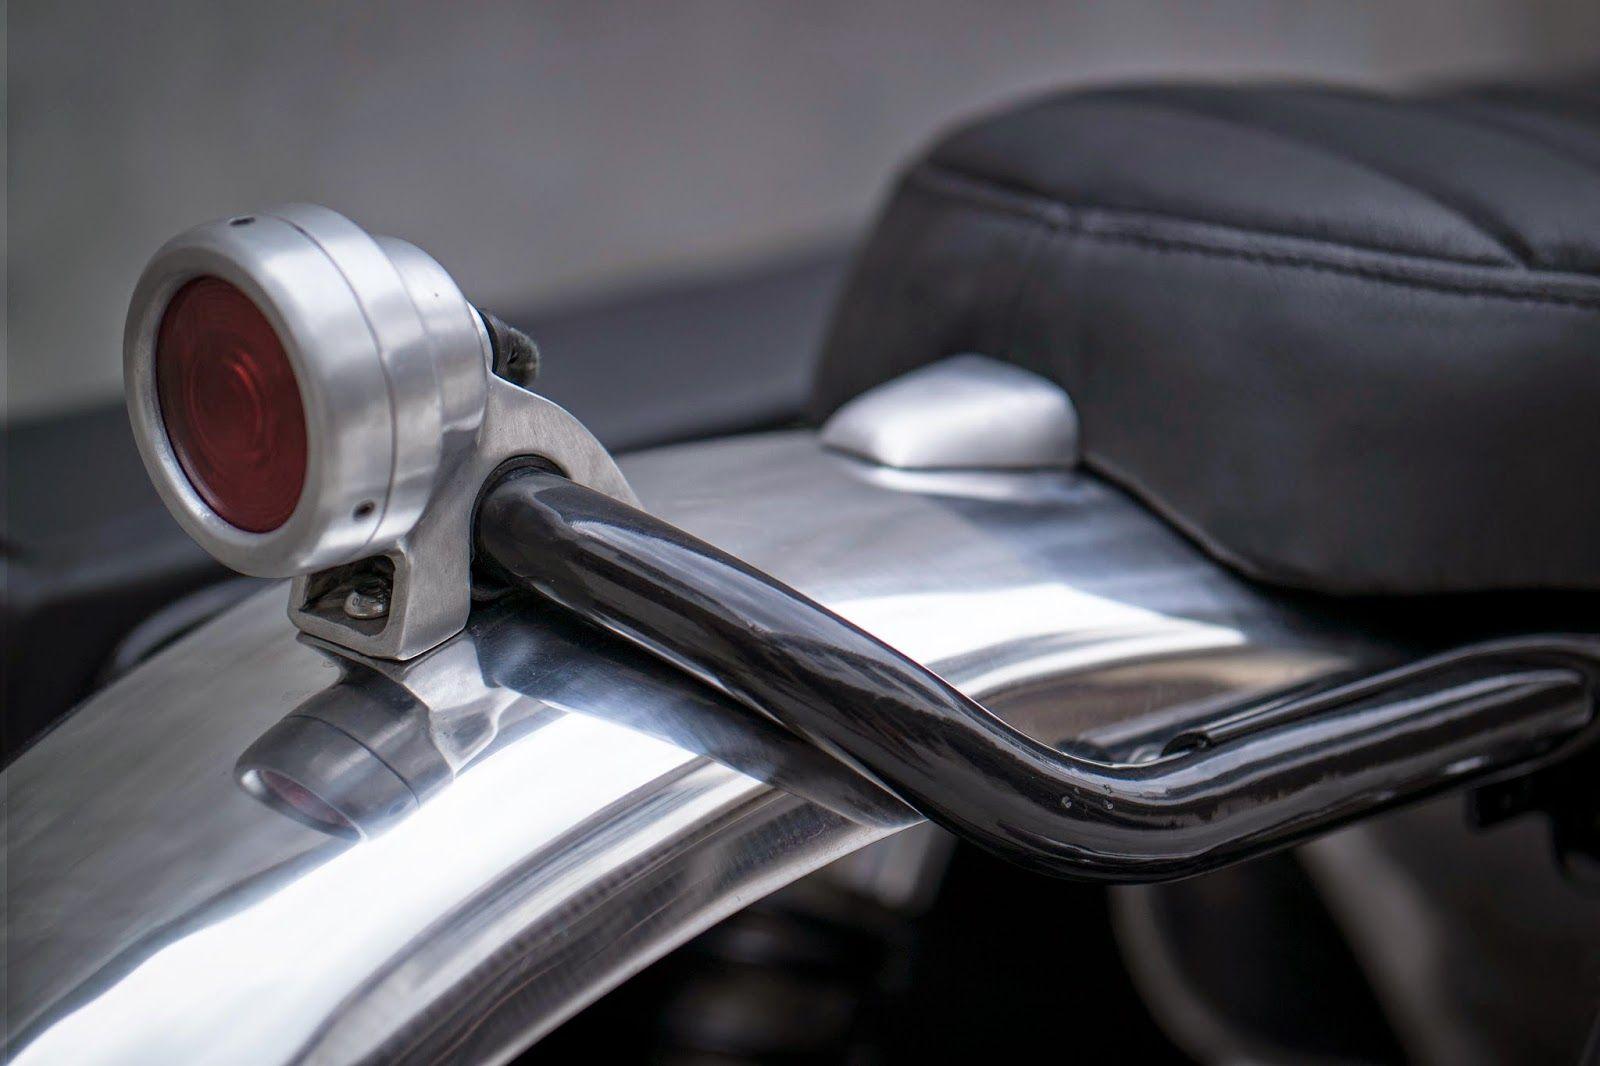 BCR Blog Cafe racer, Flat track motorcycle, Cafe racer